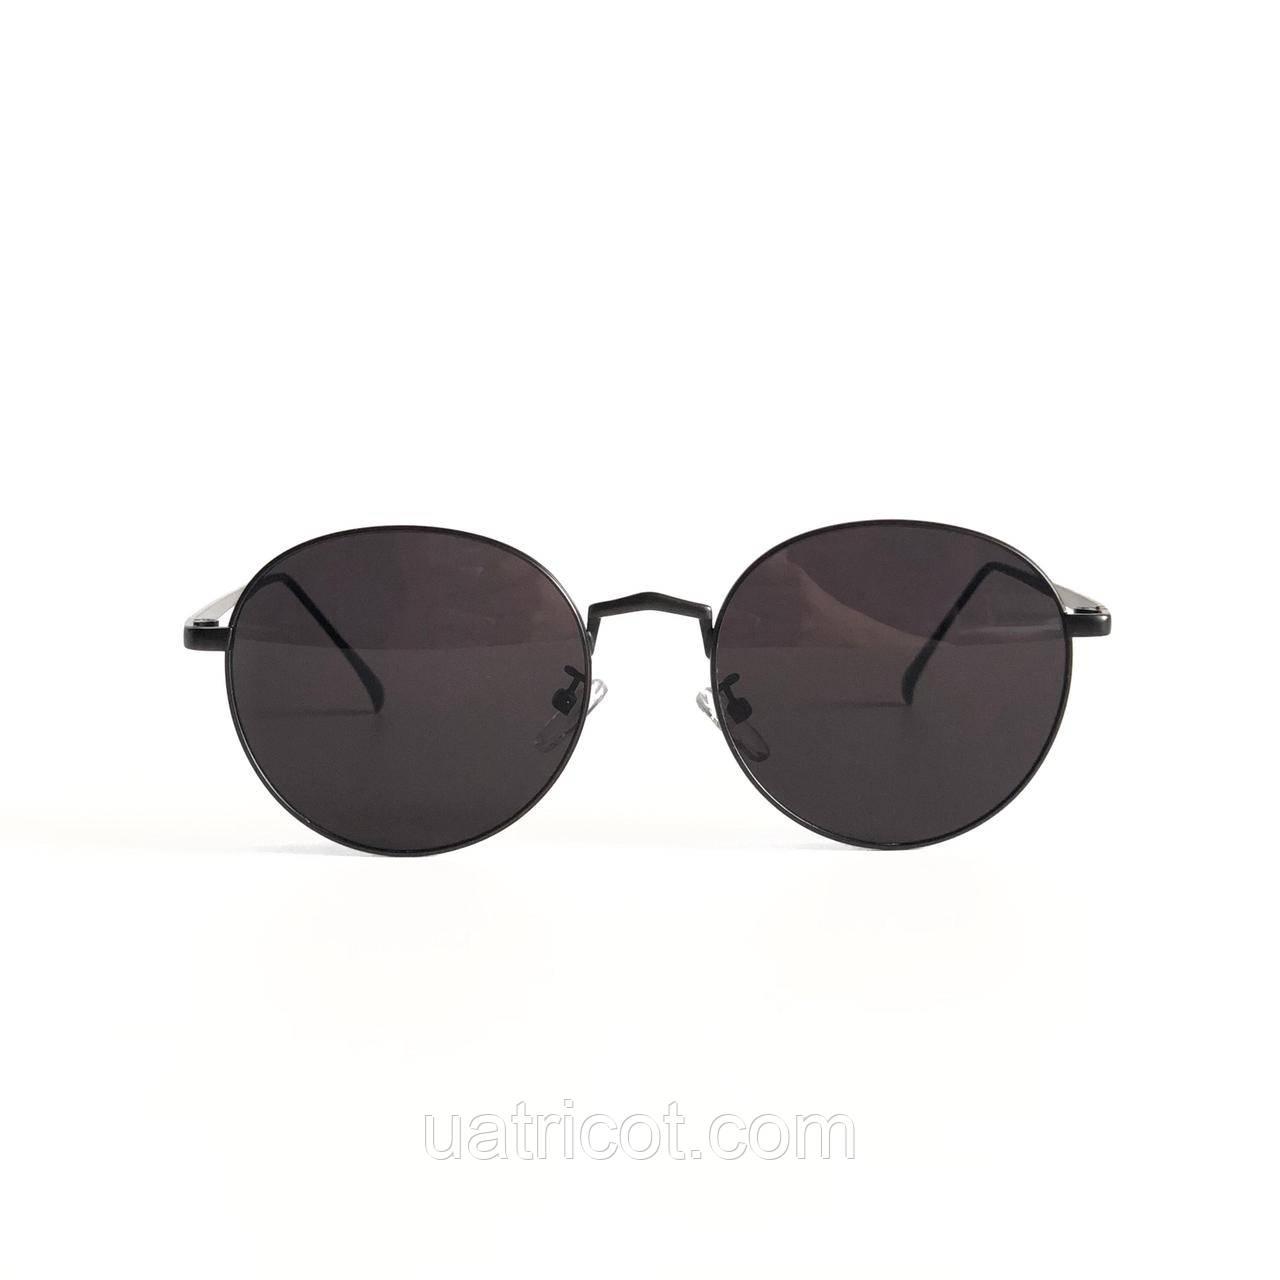 Мужские круглые солнцезащитные очки в чёрной оправе с чёрными линзами